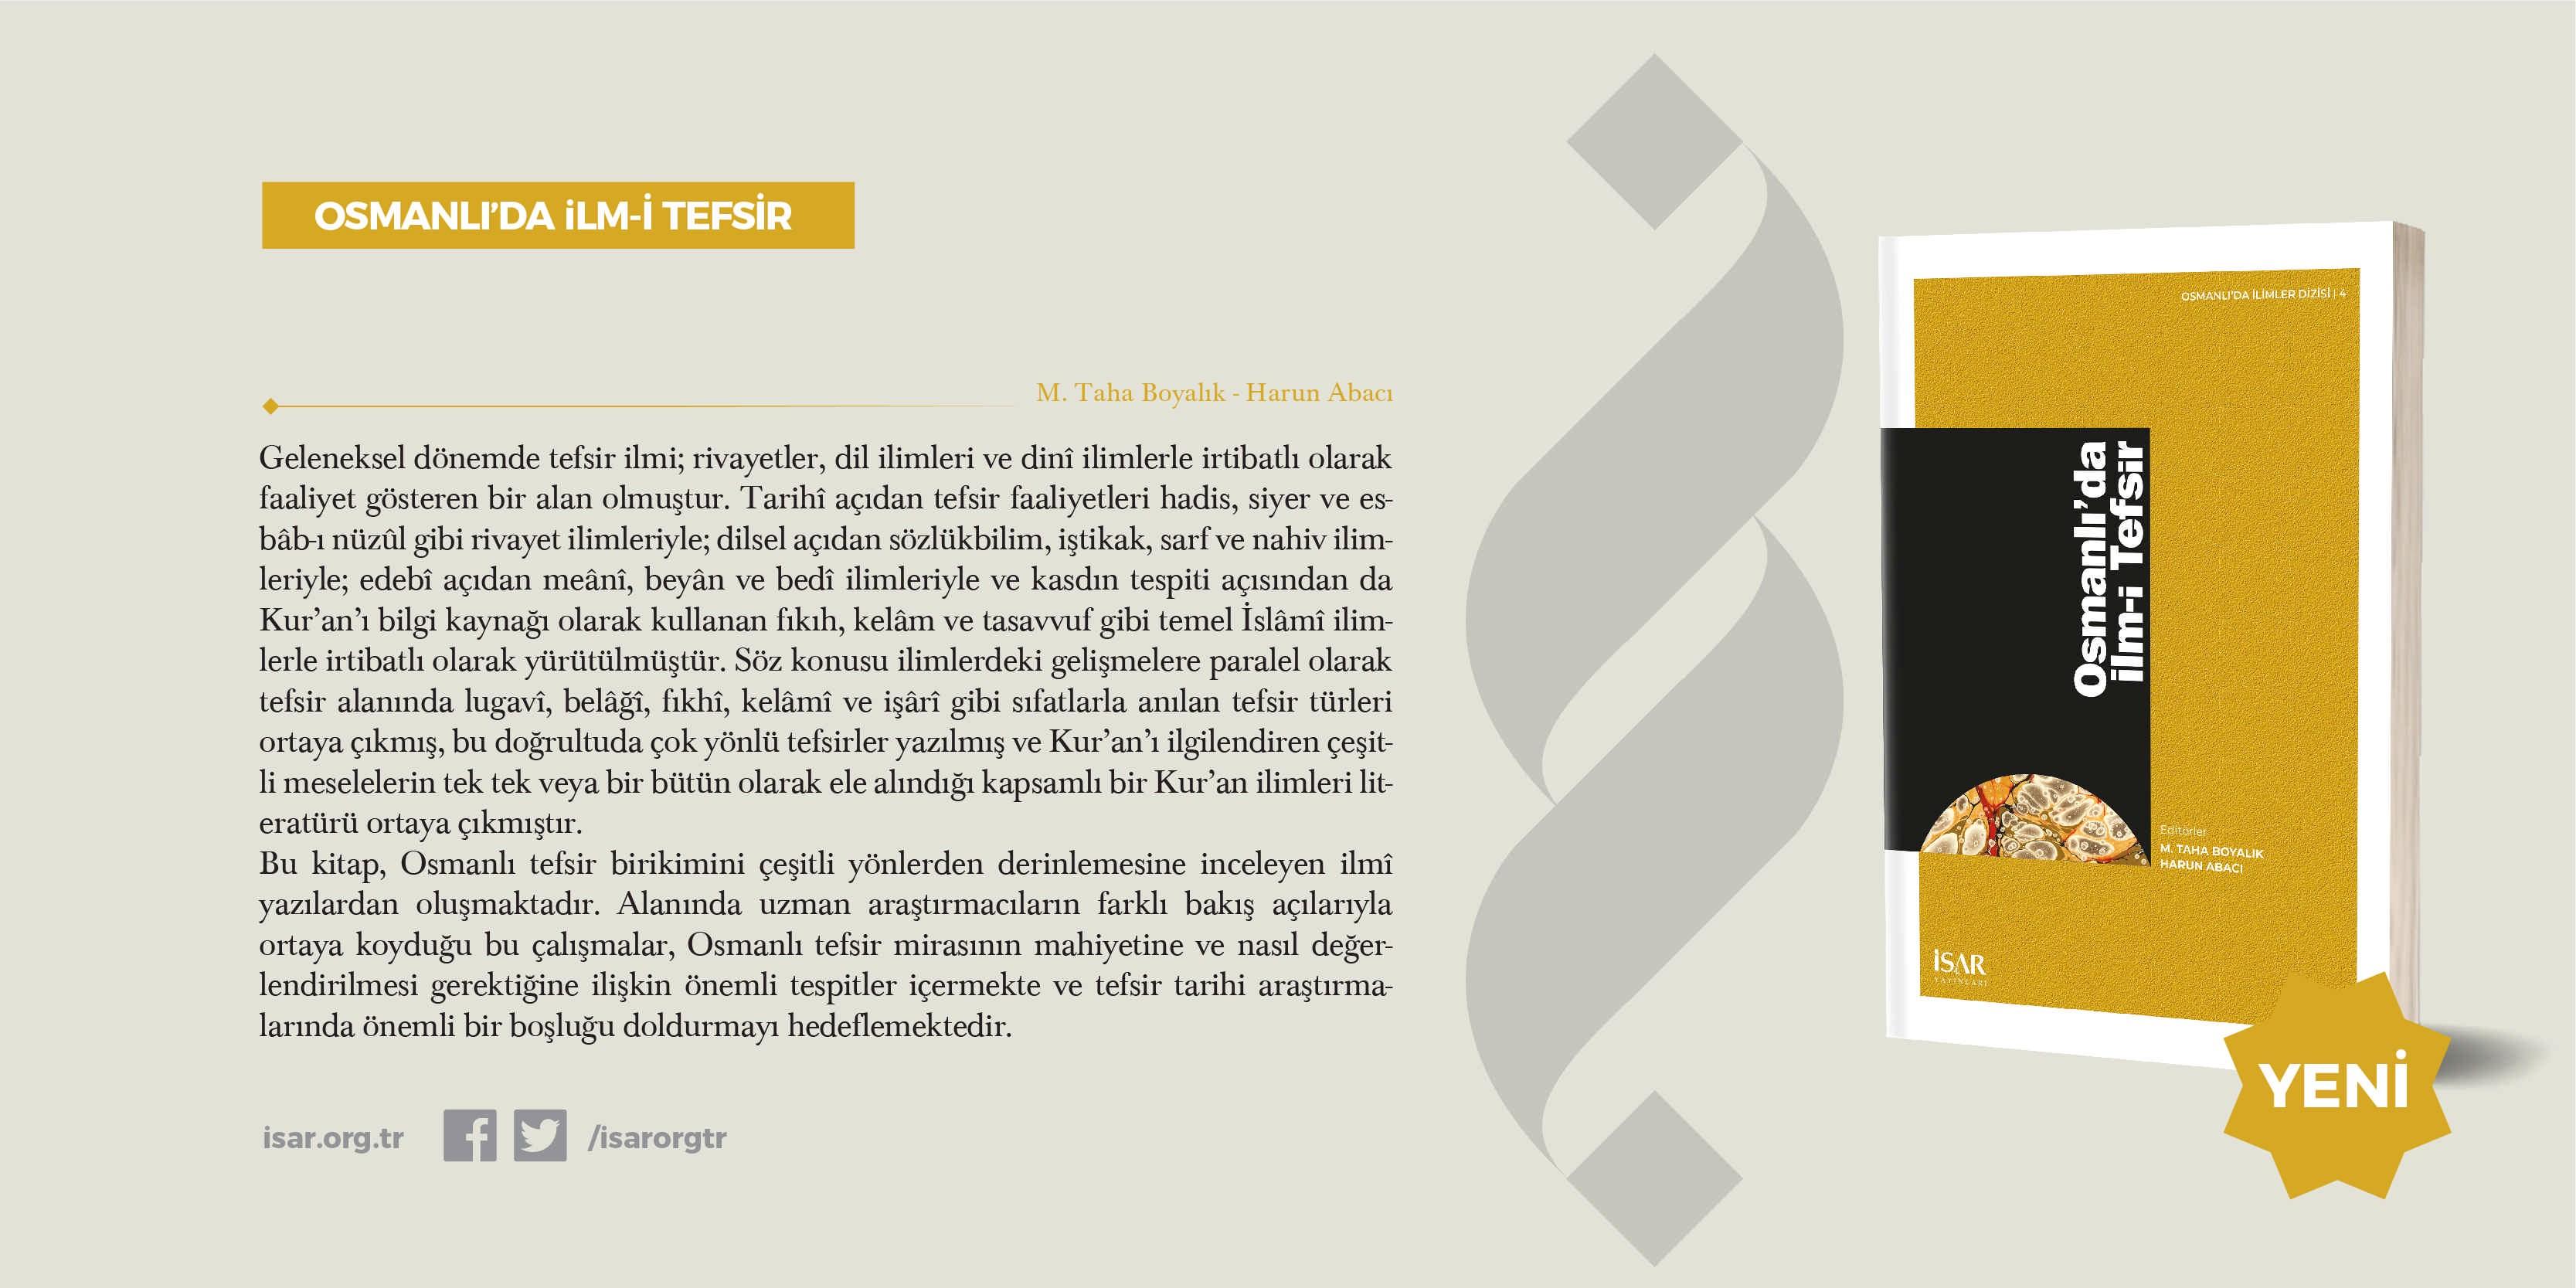 Osmanlı'da İlm-i Tefsir Kitabı Çıktı